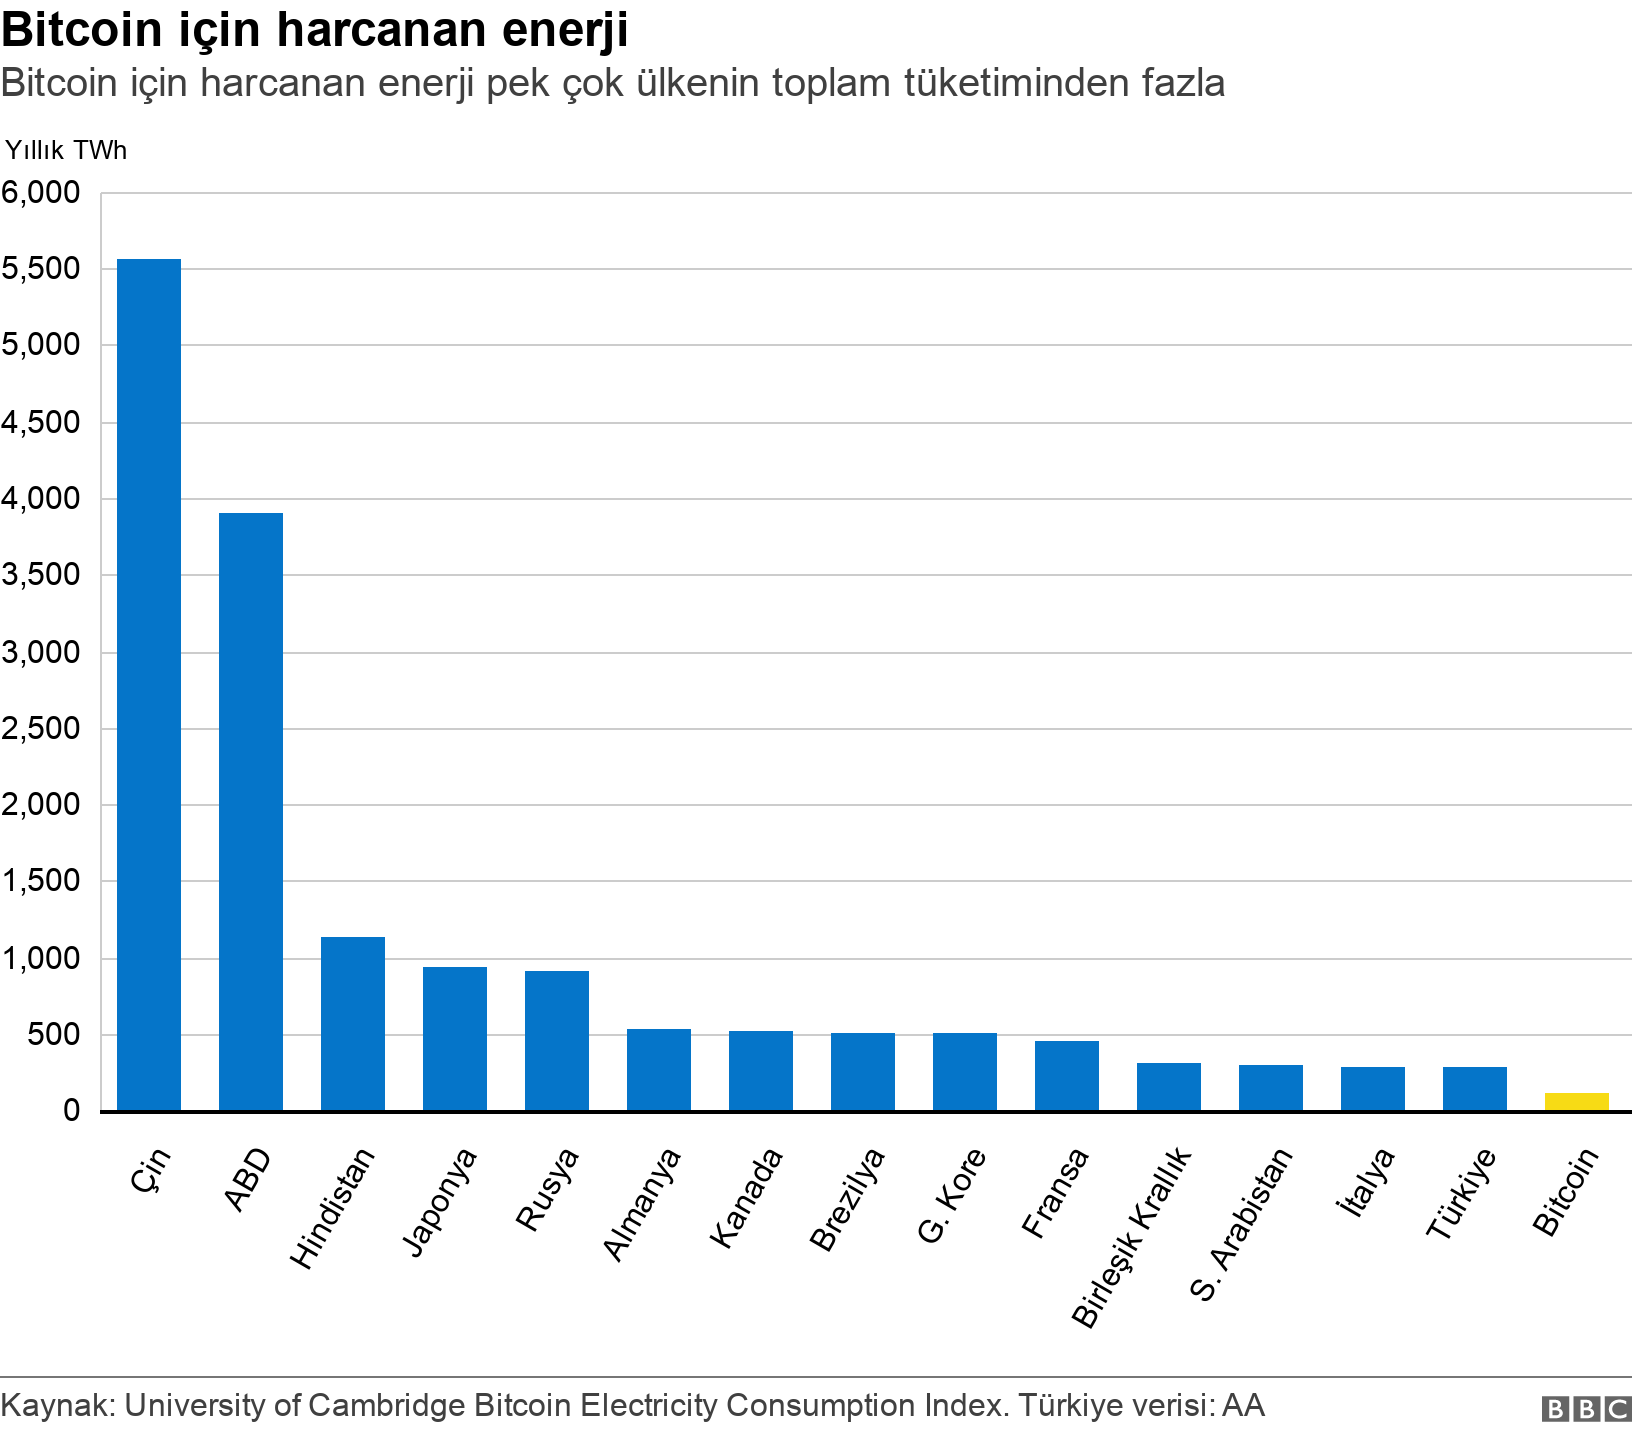 Bitcoin için harcanan enerji. Bitcoin için harcanan enerji pek çok ülkenin toplam tüketiminden fazla.  .